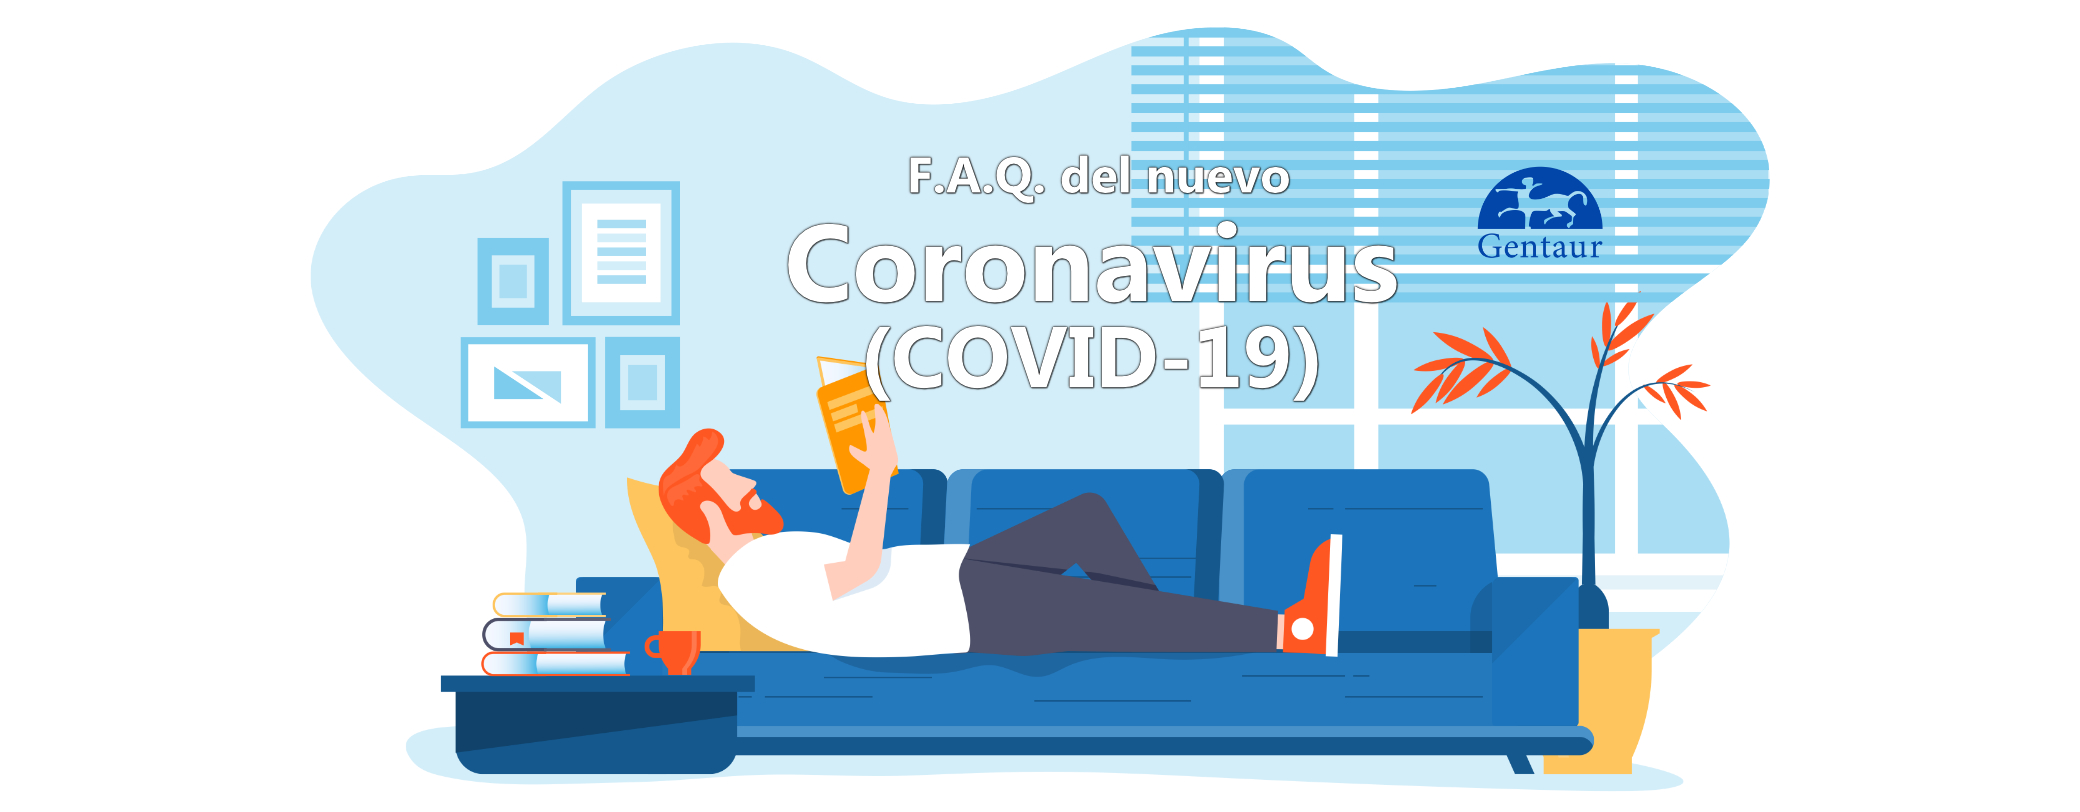 F.A.Q. del nuevo coronavirus: COVID-19 Spain